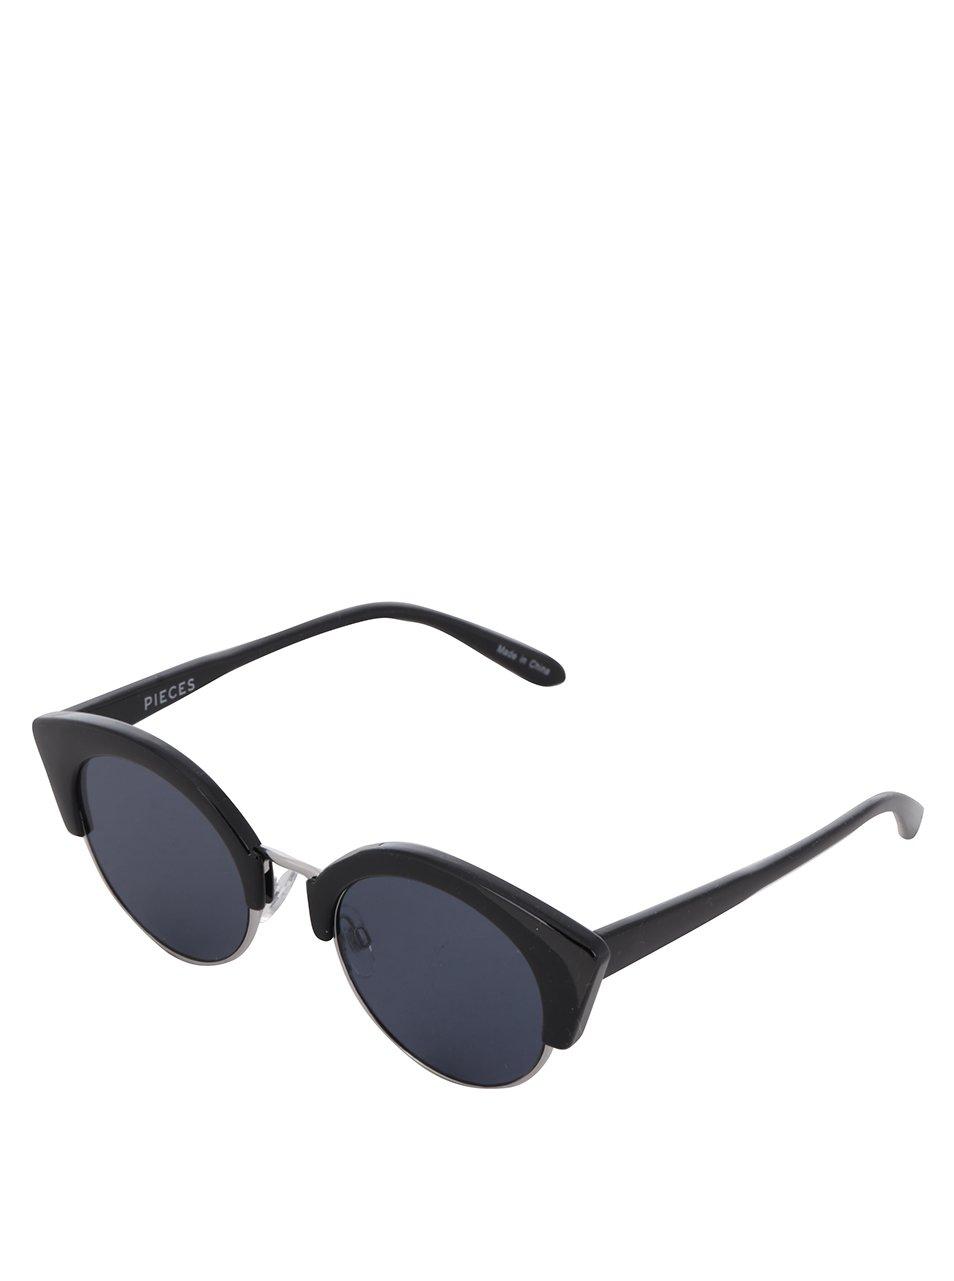 Černé sluneční brýle Pieces Kate